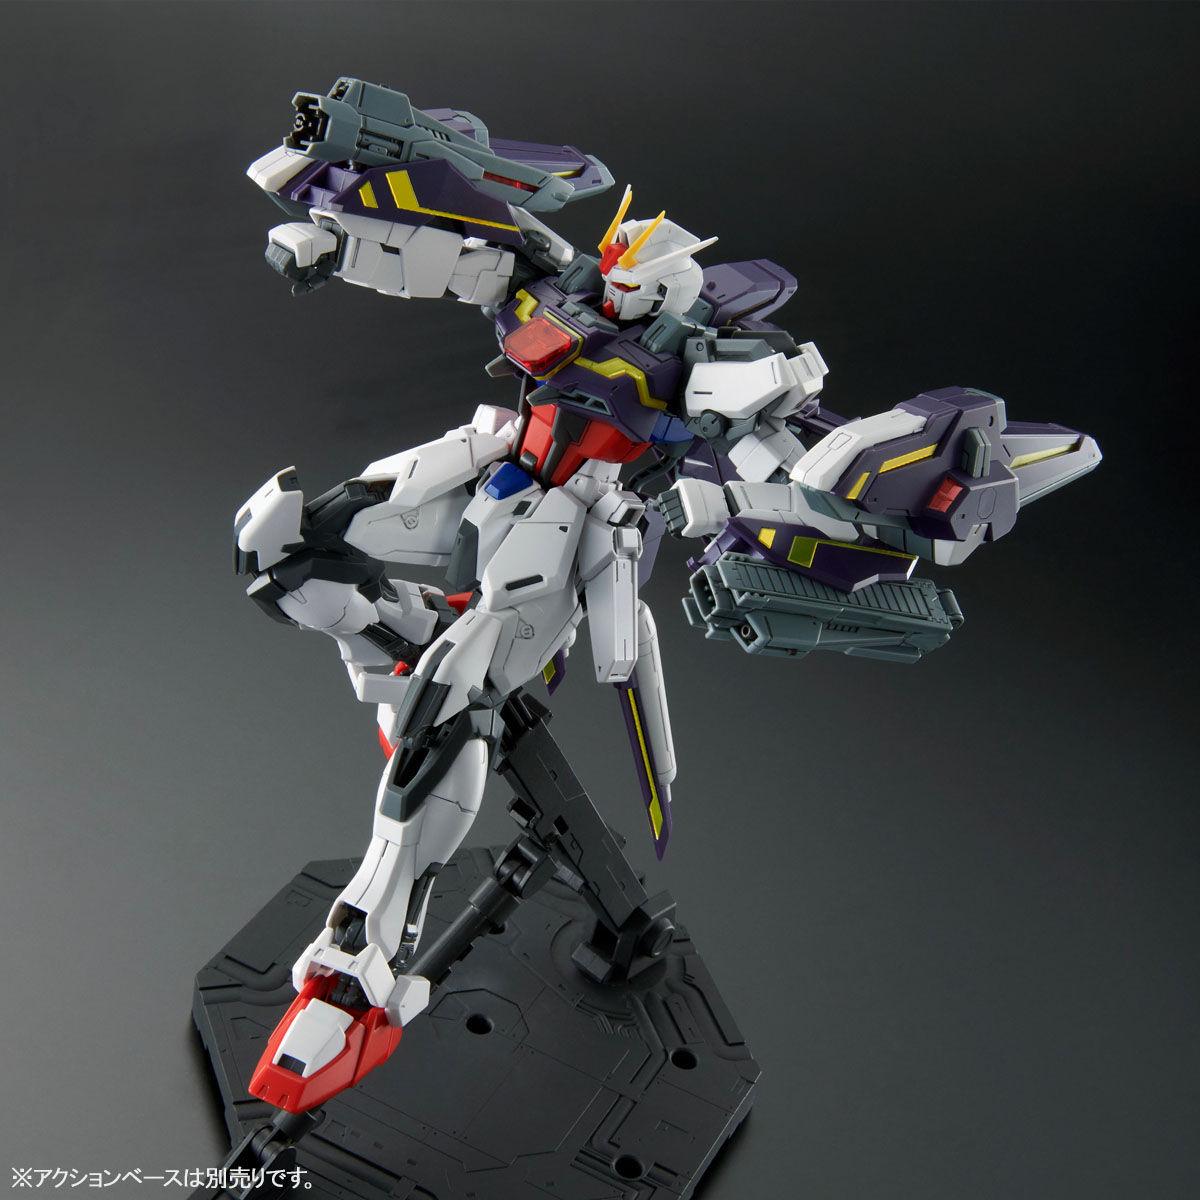 【限定販売】MG 1/100『ライトニングストライクガンダム Ver.RM』ガンダムSEED MSV プラモデル-008